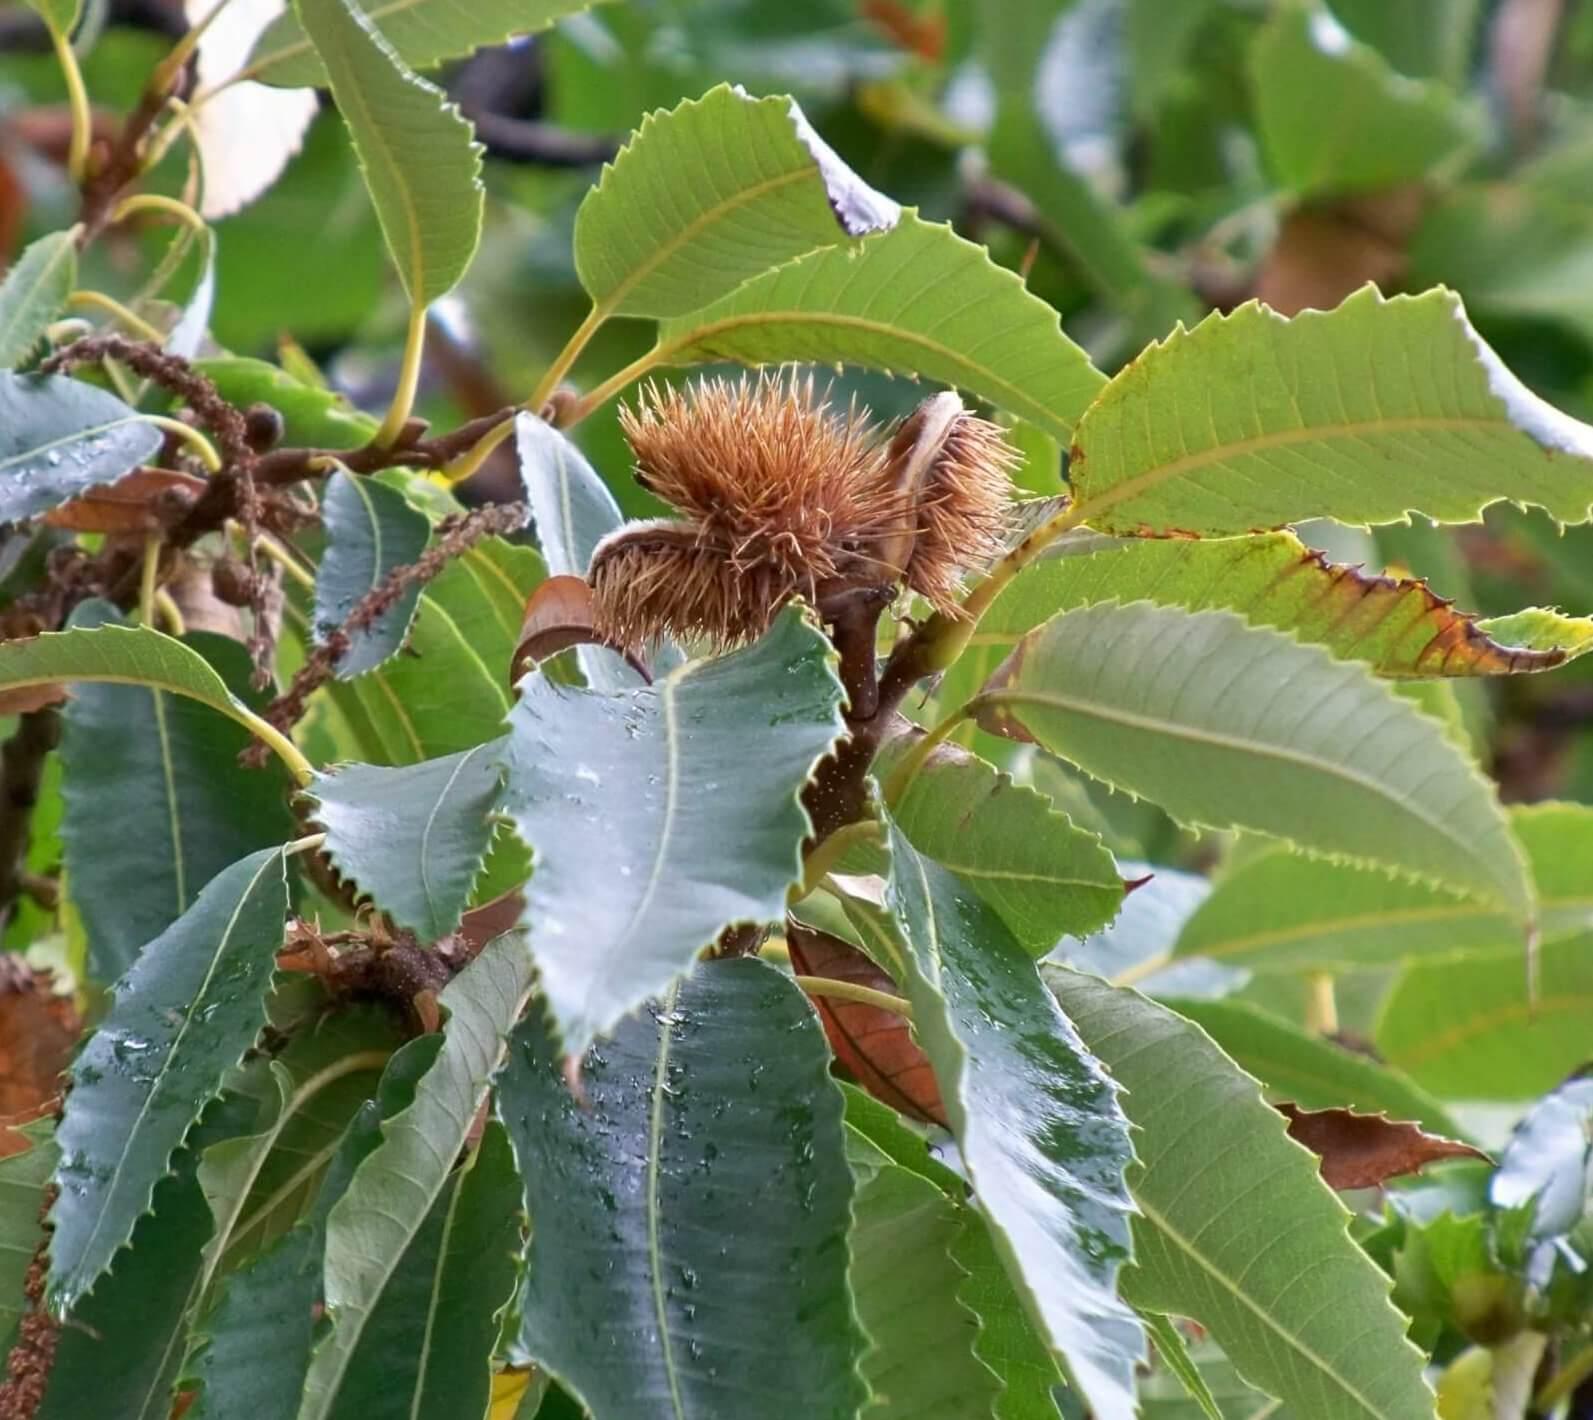 Das Bild zeigt einen Fruchtbecher einer Esskastanie, der auch als Cupula bezeichnet wird.